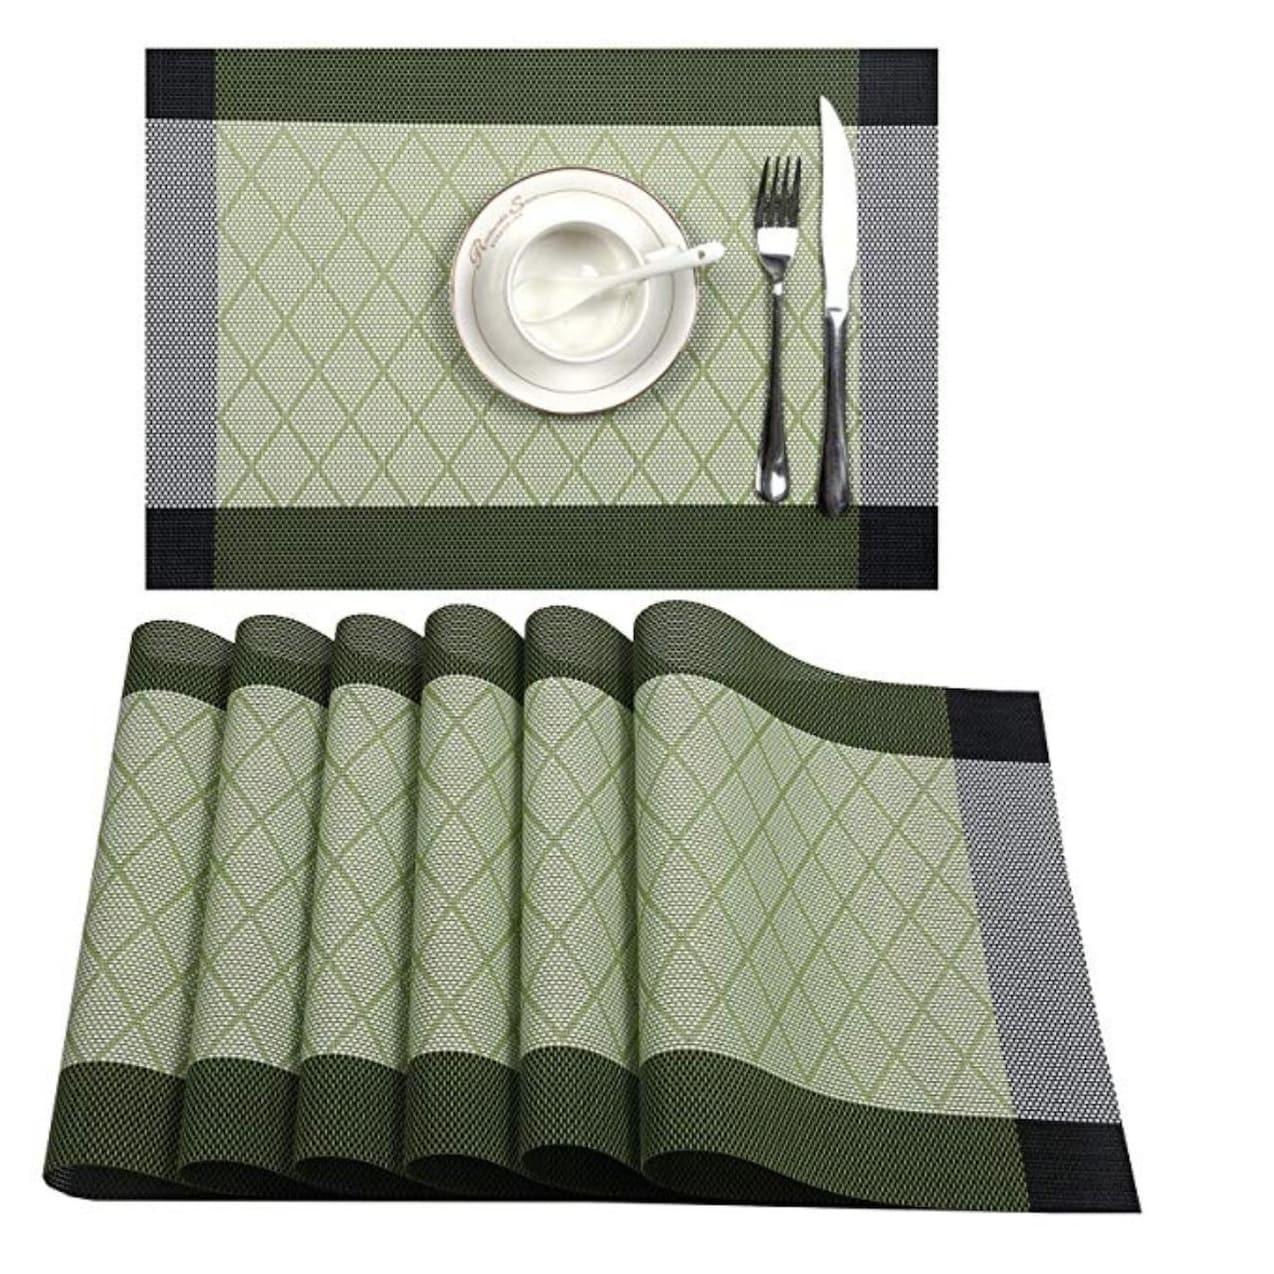 Woven Vinyl Insulation Placemat Table Mats Set of 6 Light Green 18 x 12